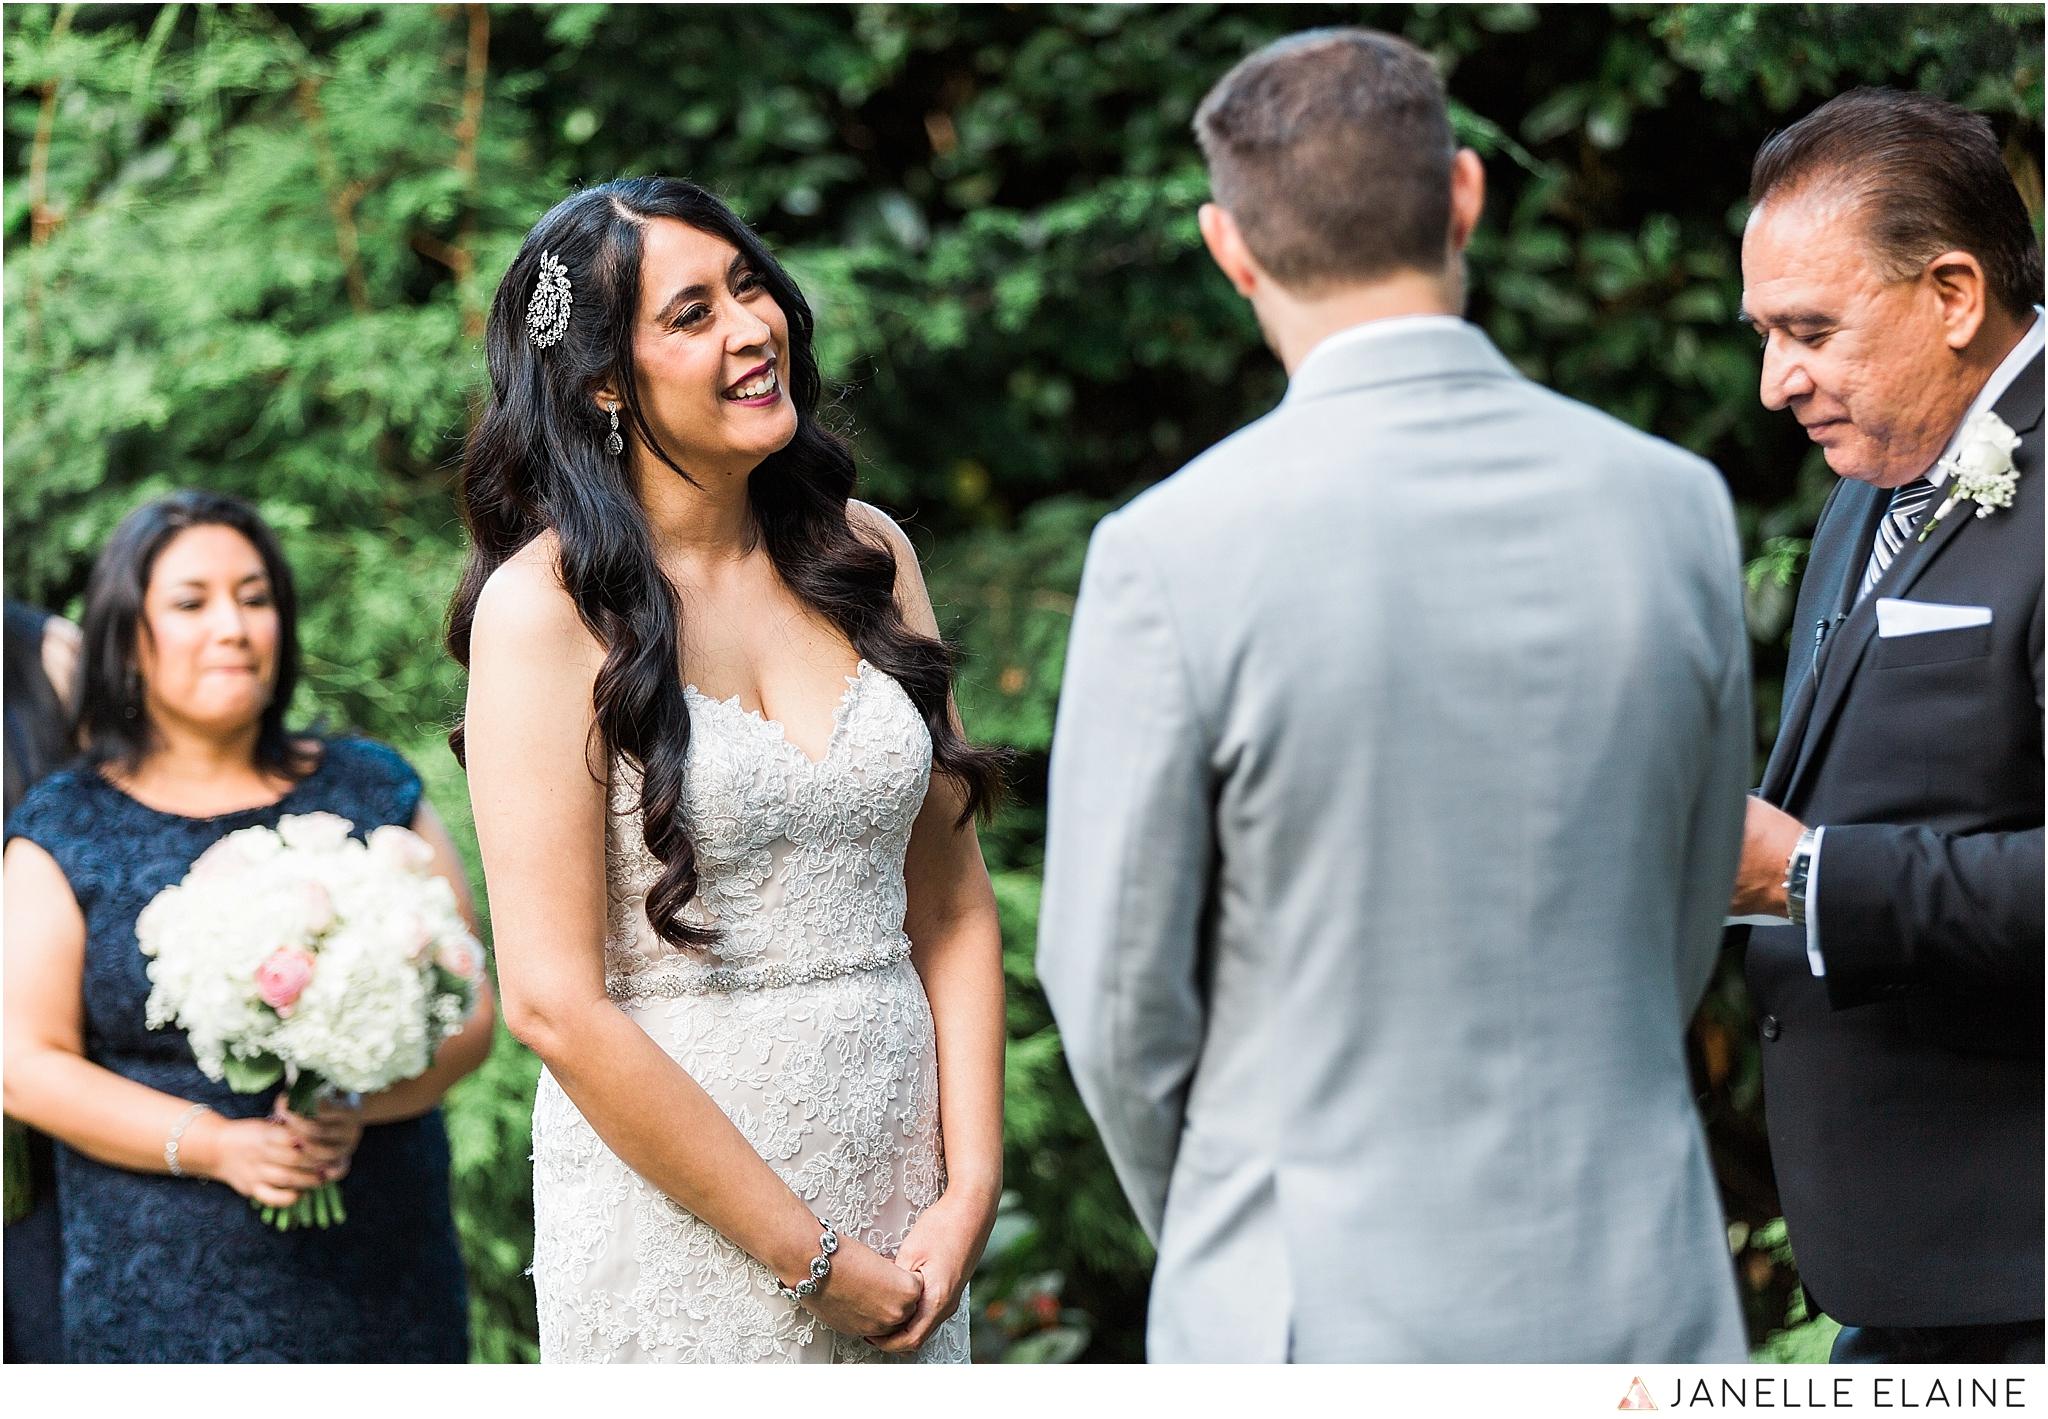 Liz + Josh | Robinswood House Wedding — Janelle Elaine Photography